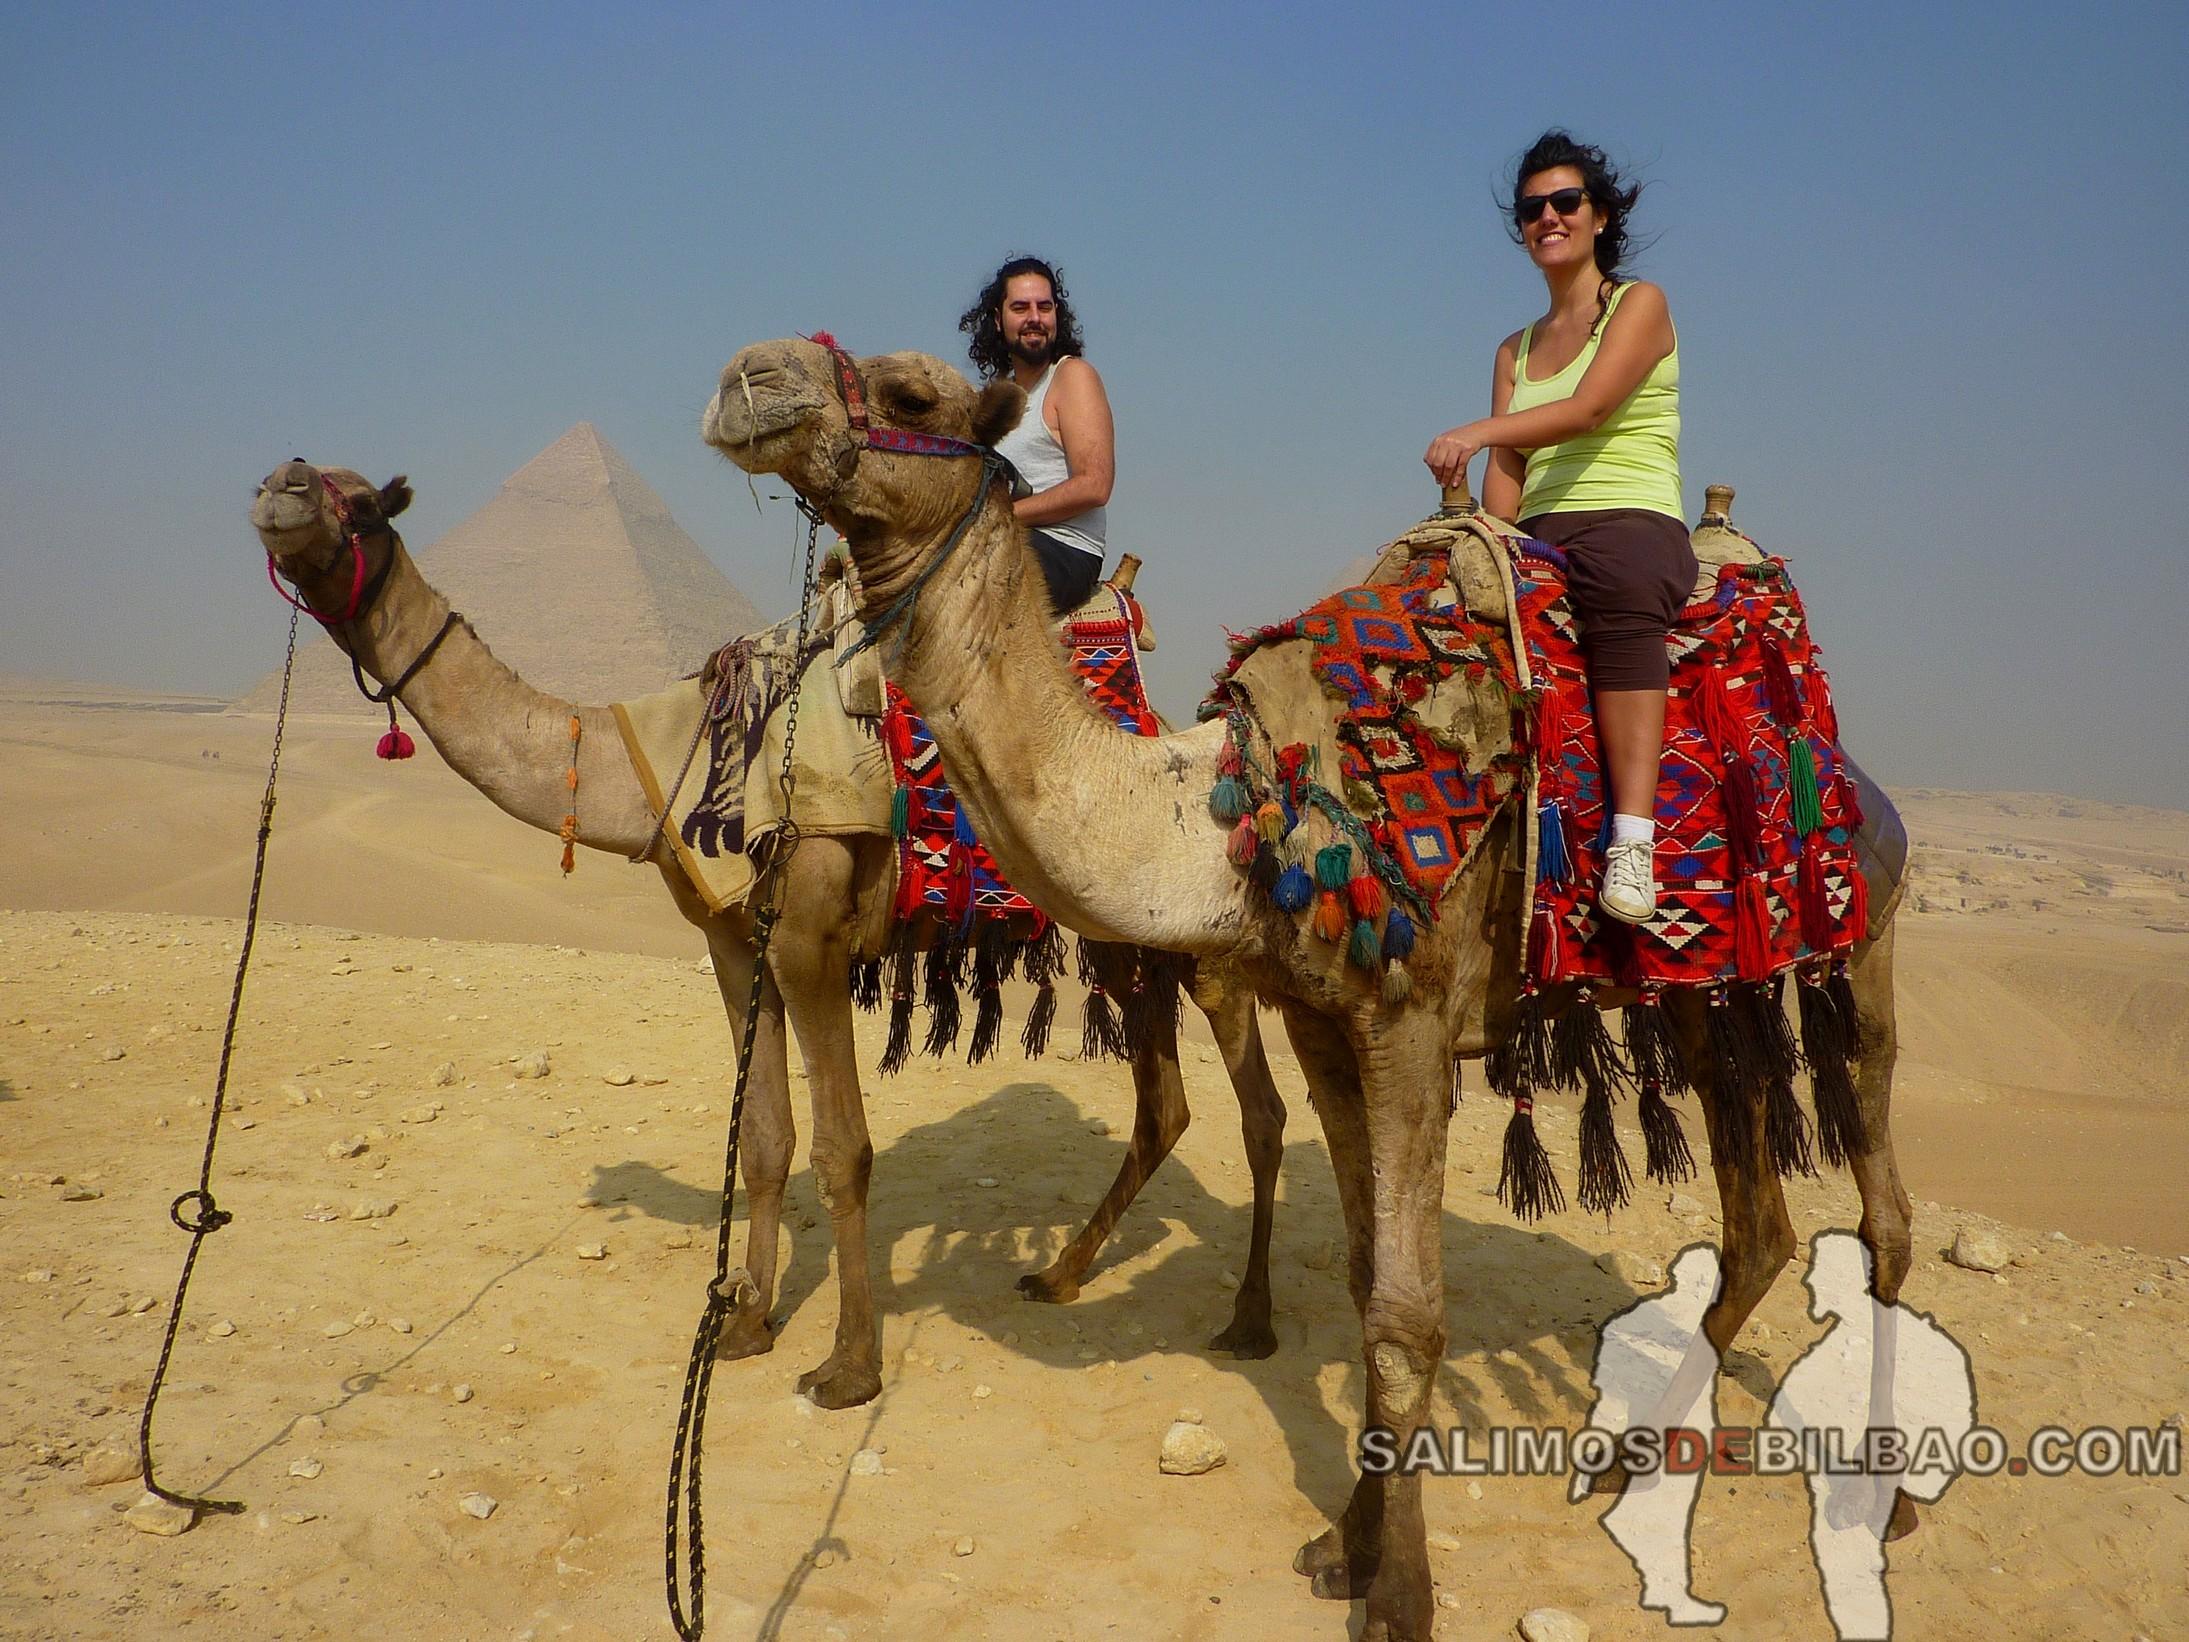 0091. Katz y Saioa en Camello, Pirámides de Giza